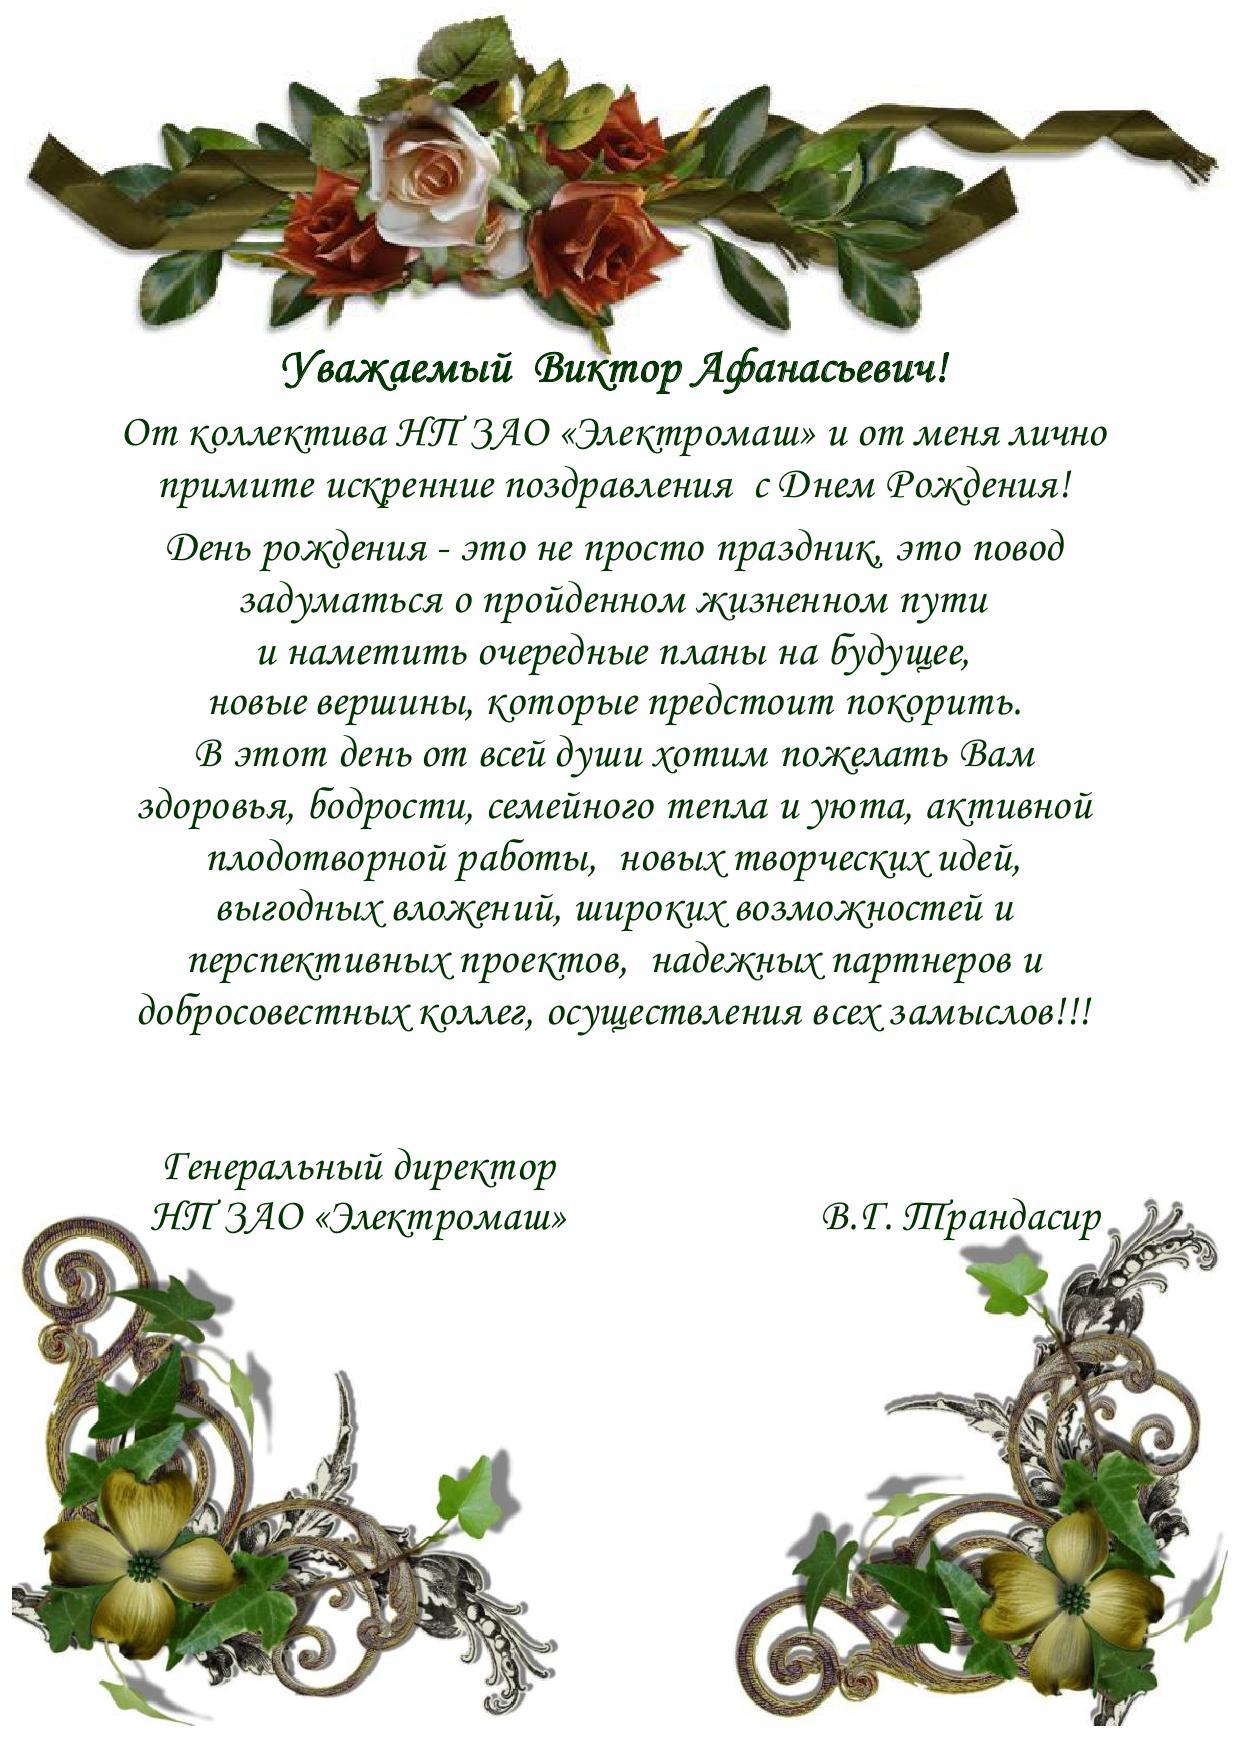 Поздравления директора с днем рождения от коллектива женщине 76